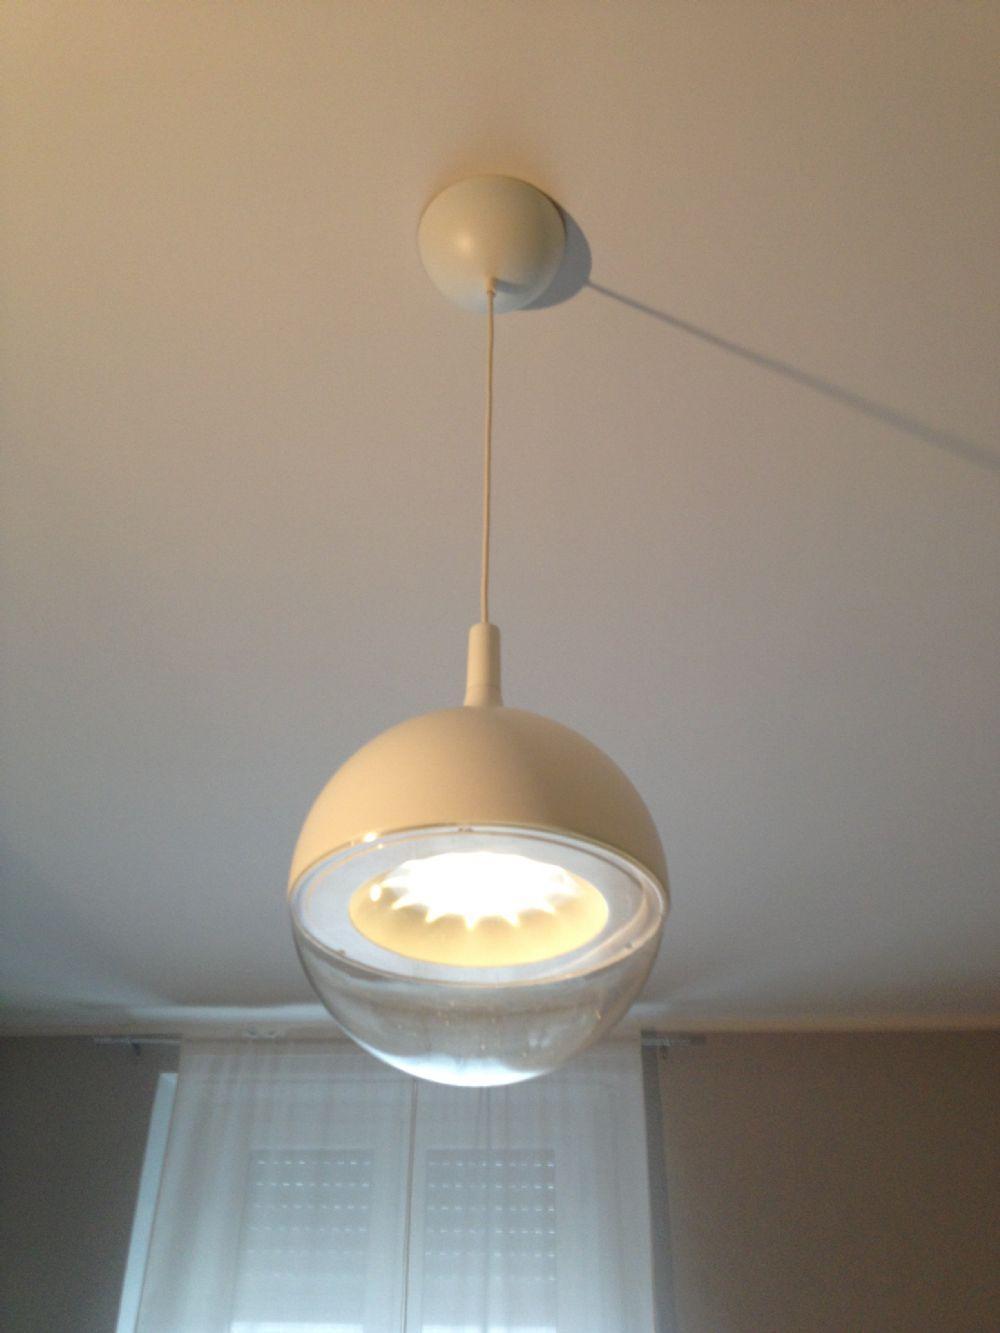 Baratto scambio lampada led ikea arredamento complementi d arredo a torino to - Complementi arredo ikea ...